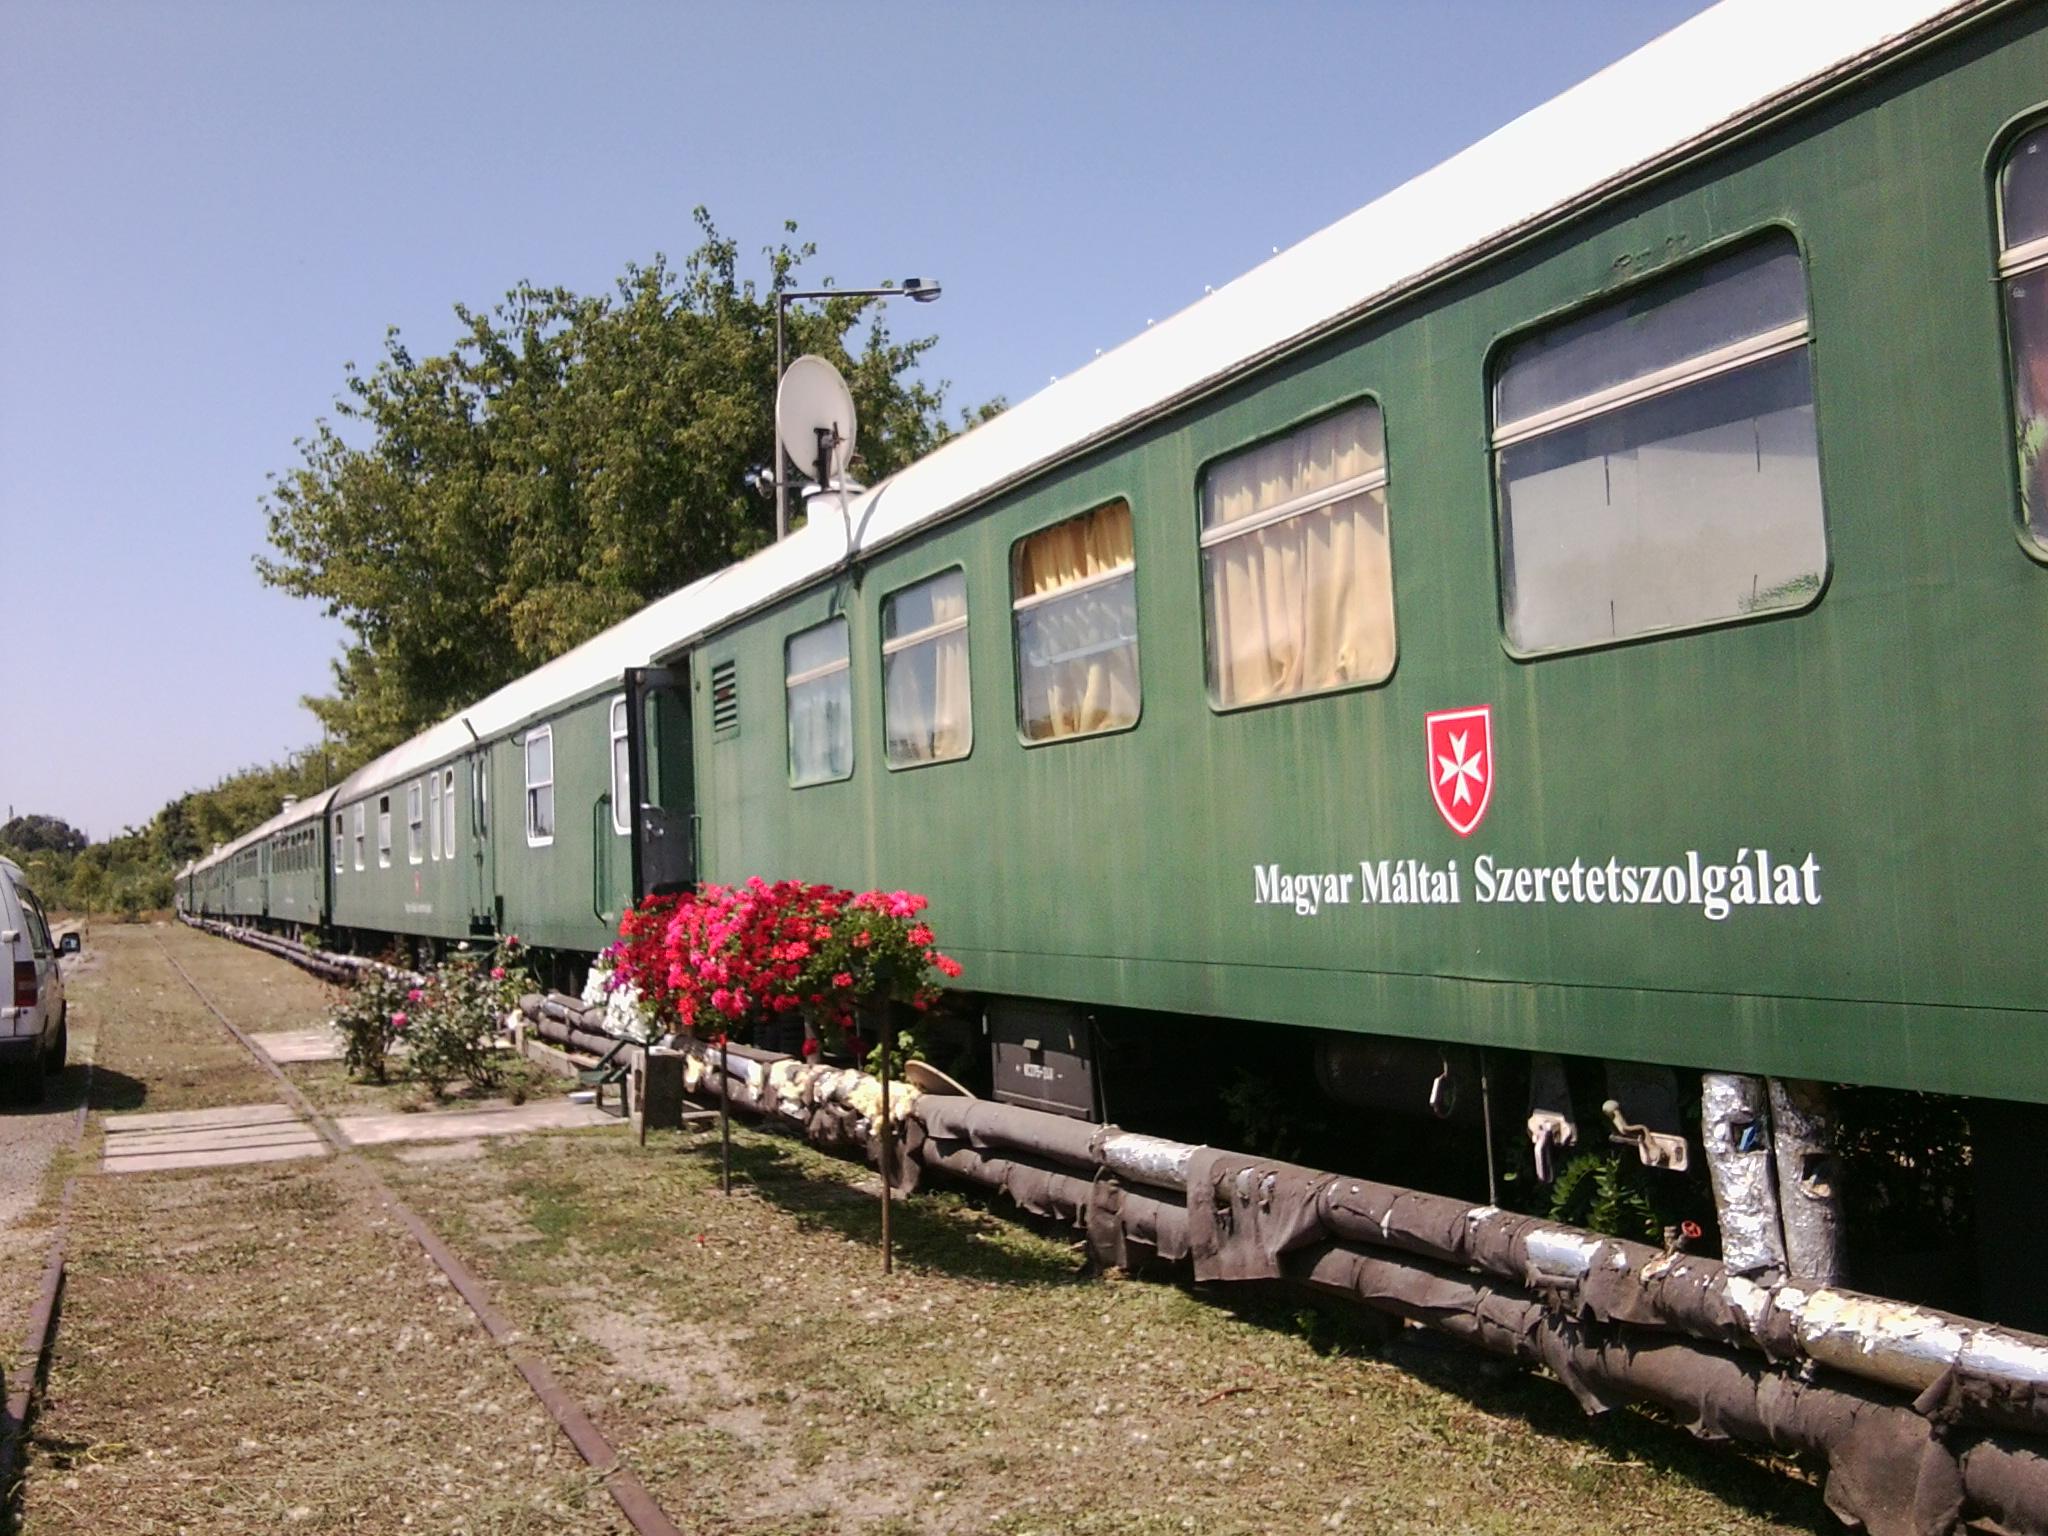 A Máltai Szeretetszolgálat vonata 1993 óta működik éjjeli menedékként. A kép forrása: http://m.cdn.blog.hu/ge/generalpublic/image/m%C3%A1ltai%20vonat/F%C3%A9nyk%C3%A9p0085.jpg.